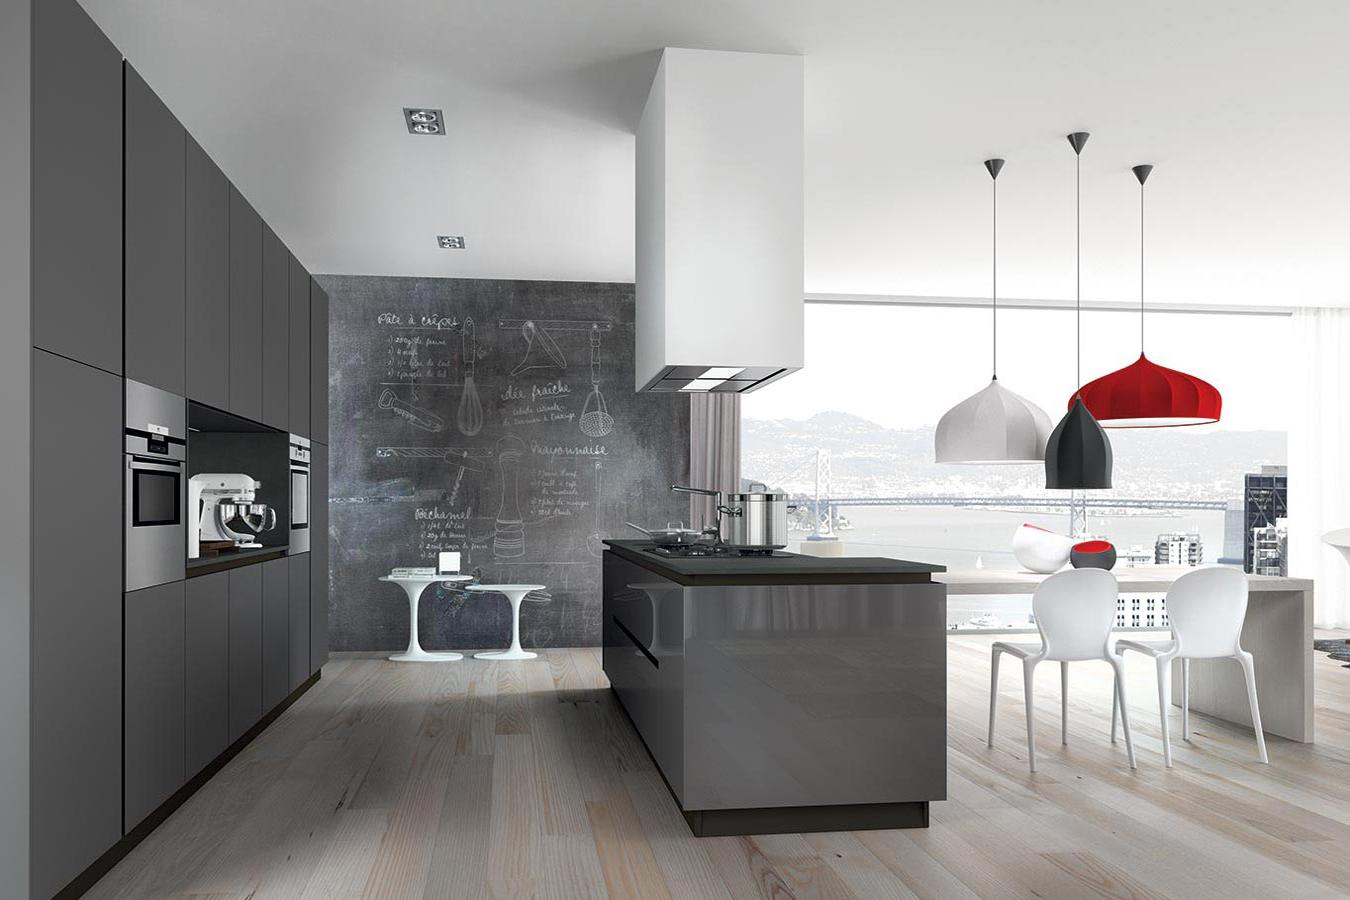 Cucina glass di arredo3 righetti mobili novara for Arredo casa piacenza